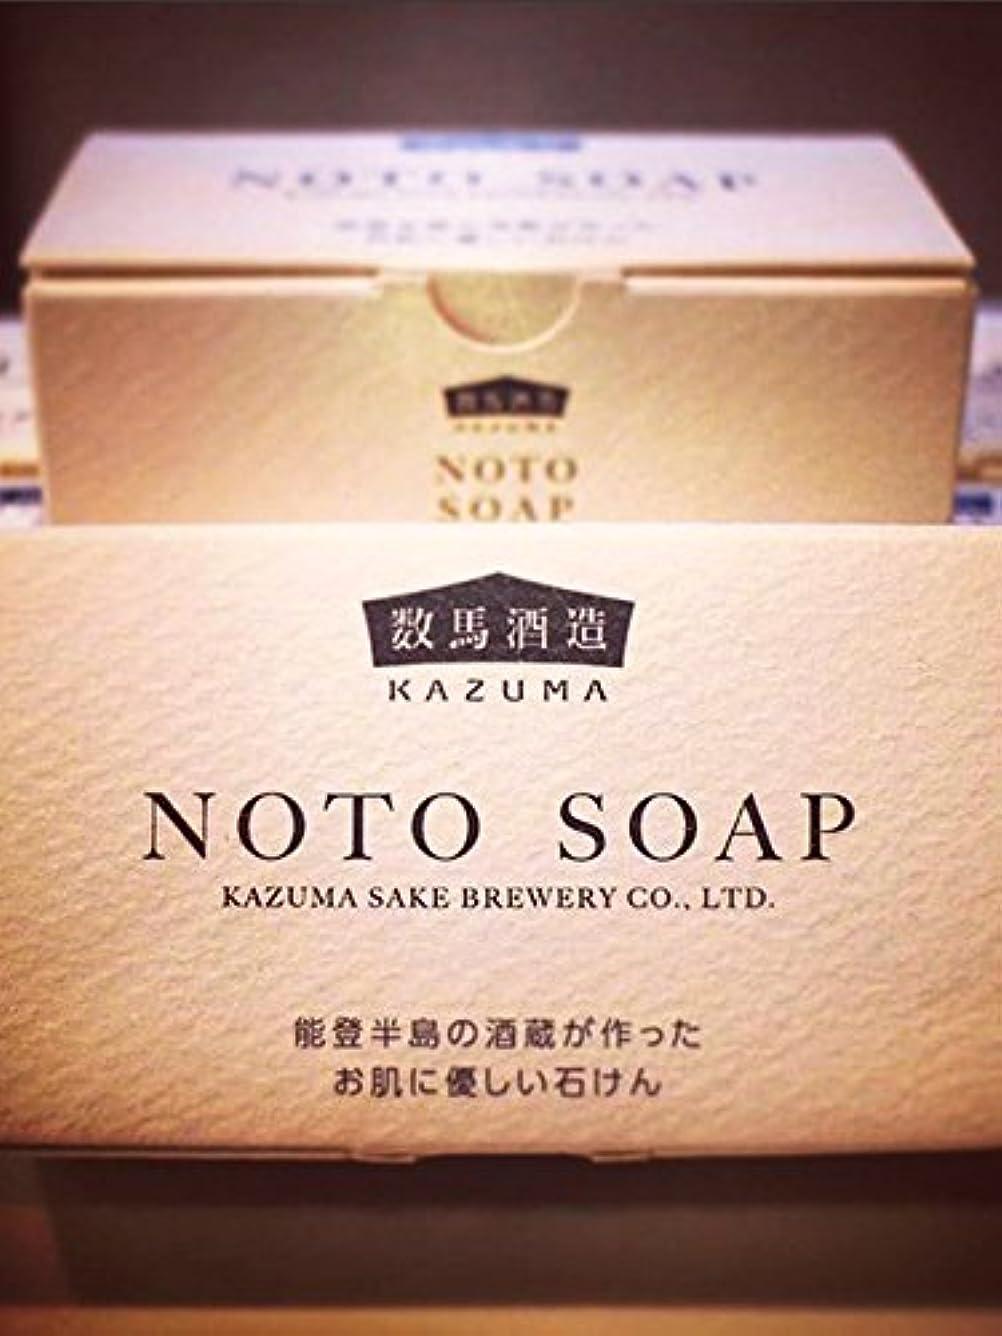 公演肖像画遅らせる竹葉 NOTO SOAP 酒粕石鹸 1個80g